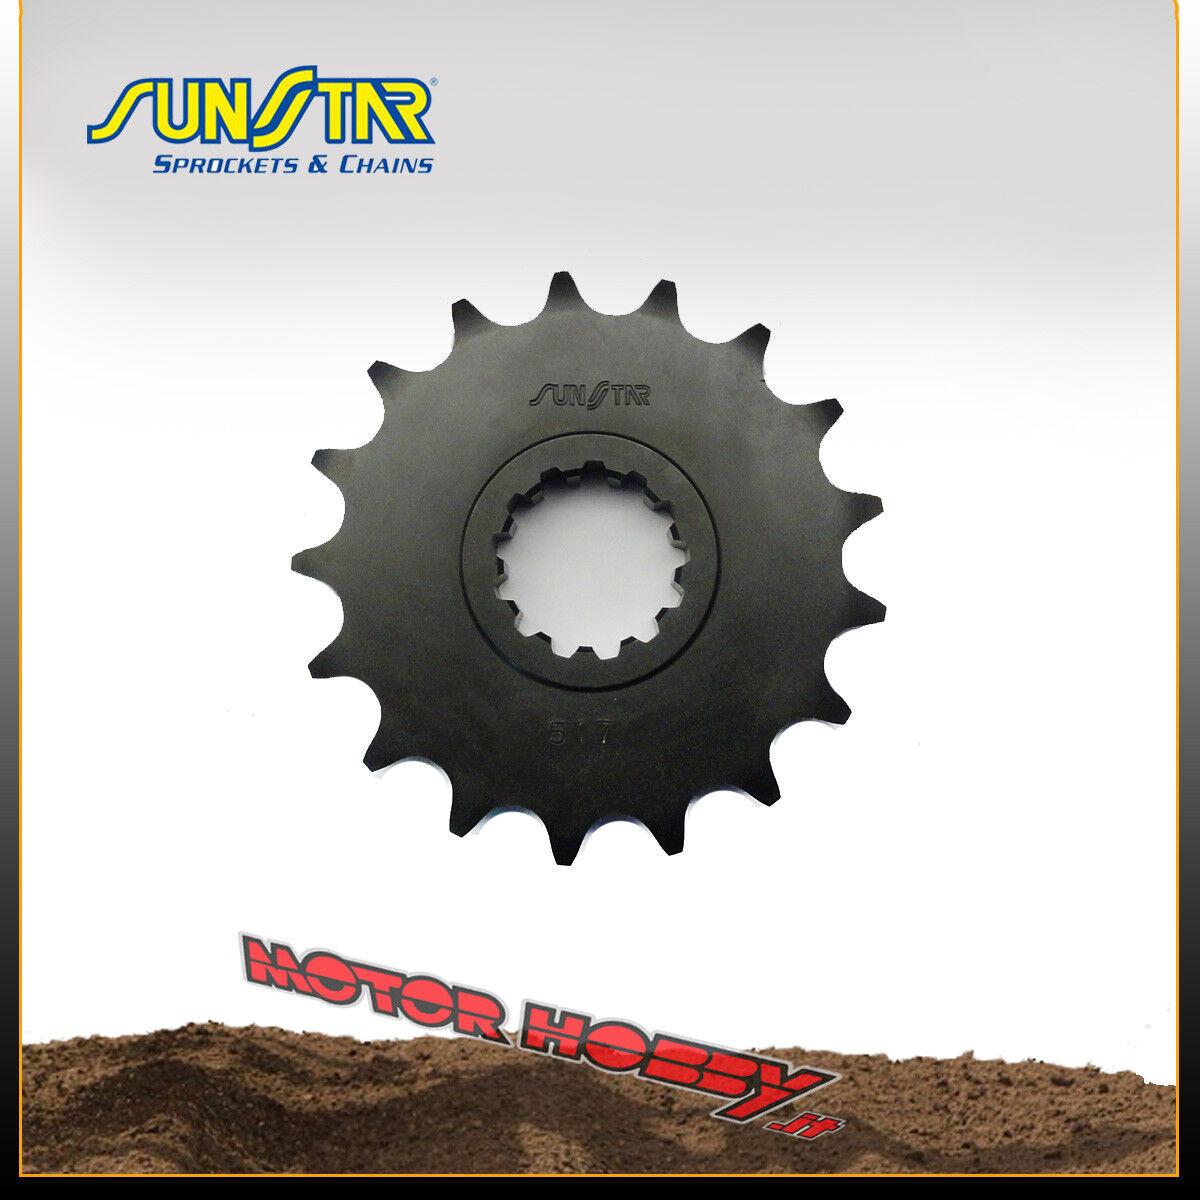 Sunstar pignone passo 520 denti 13 per KTM EXC 450 2009 2010 2011 2012 2013 2014